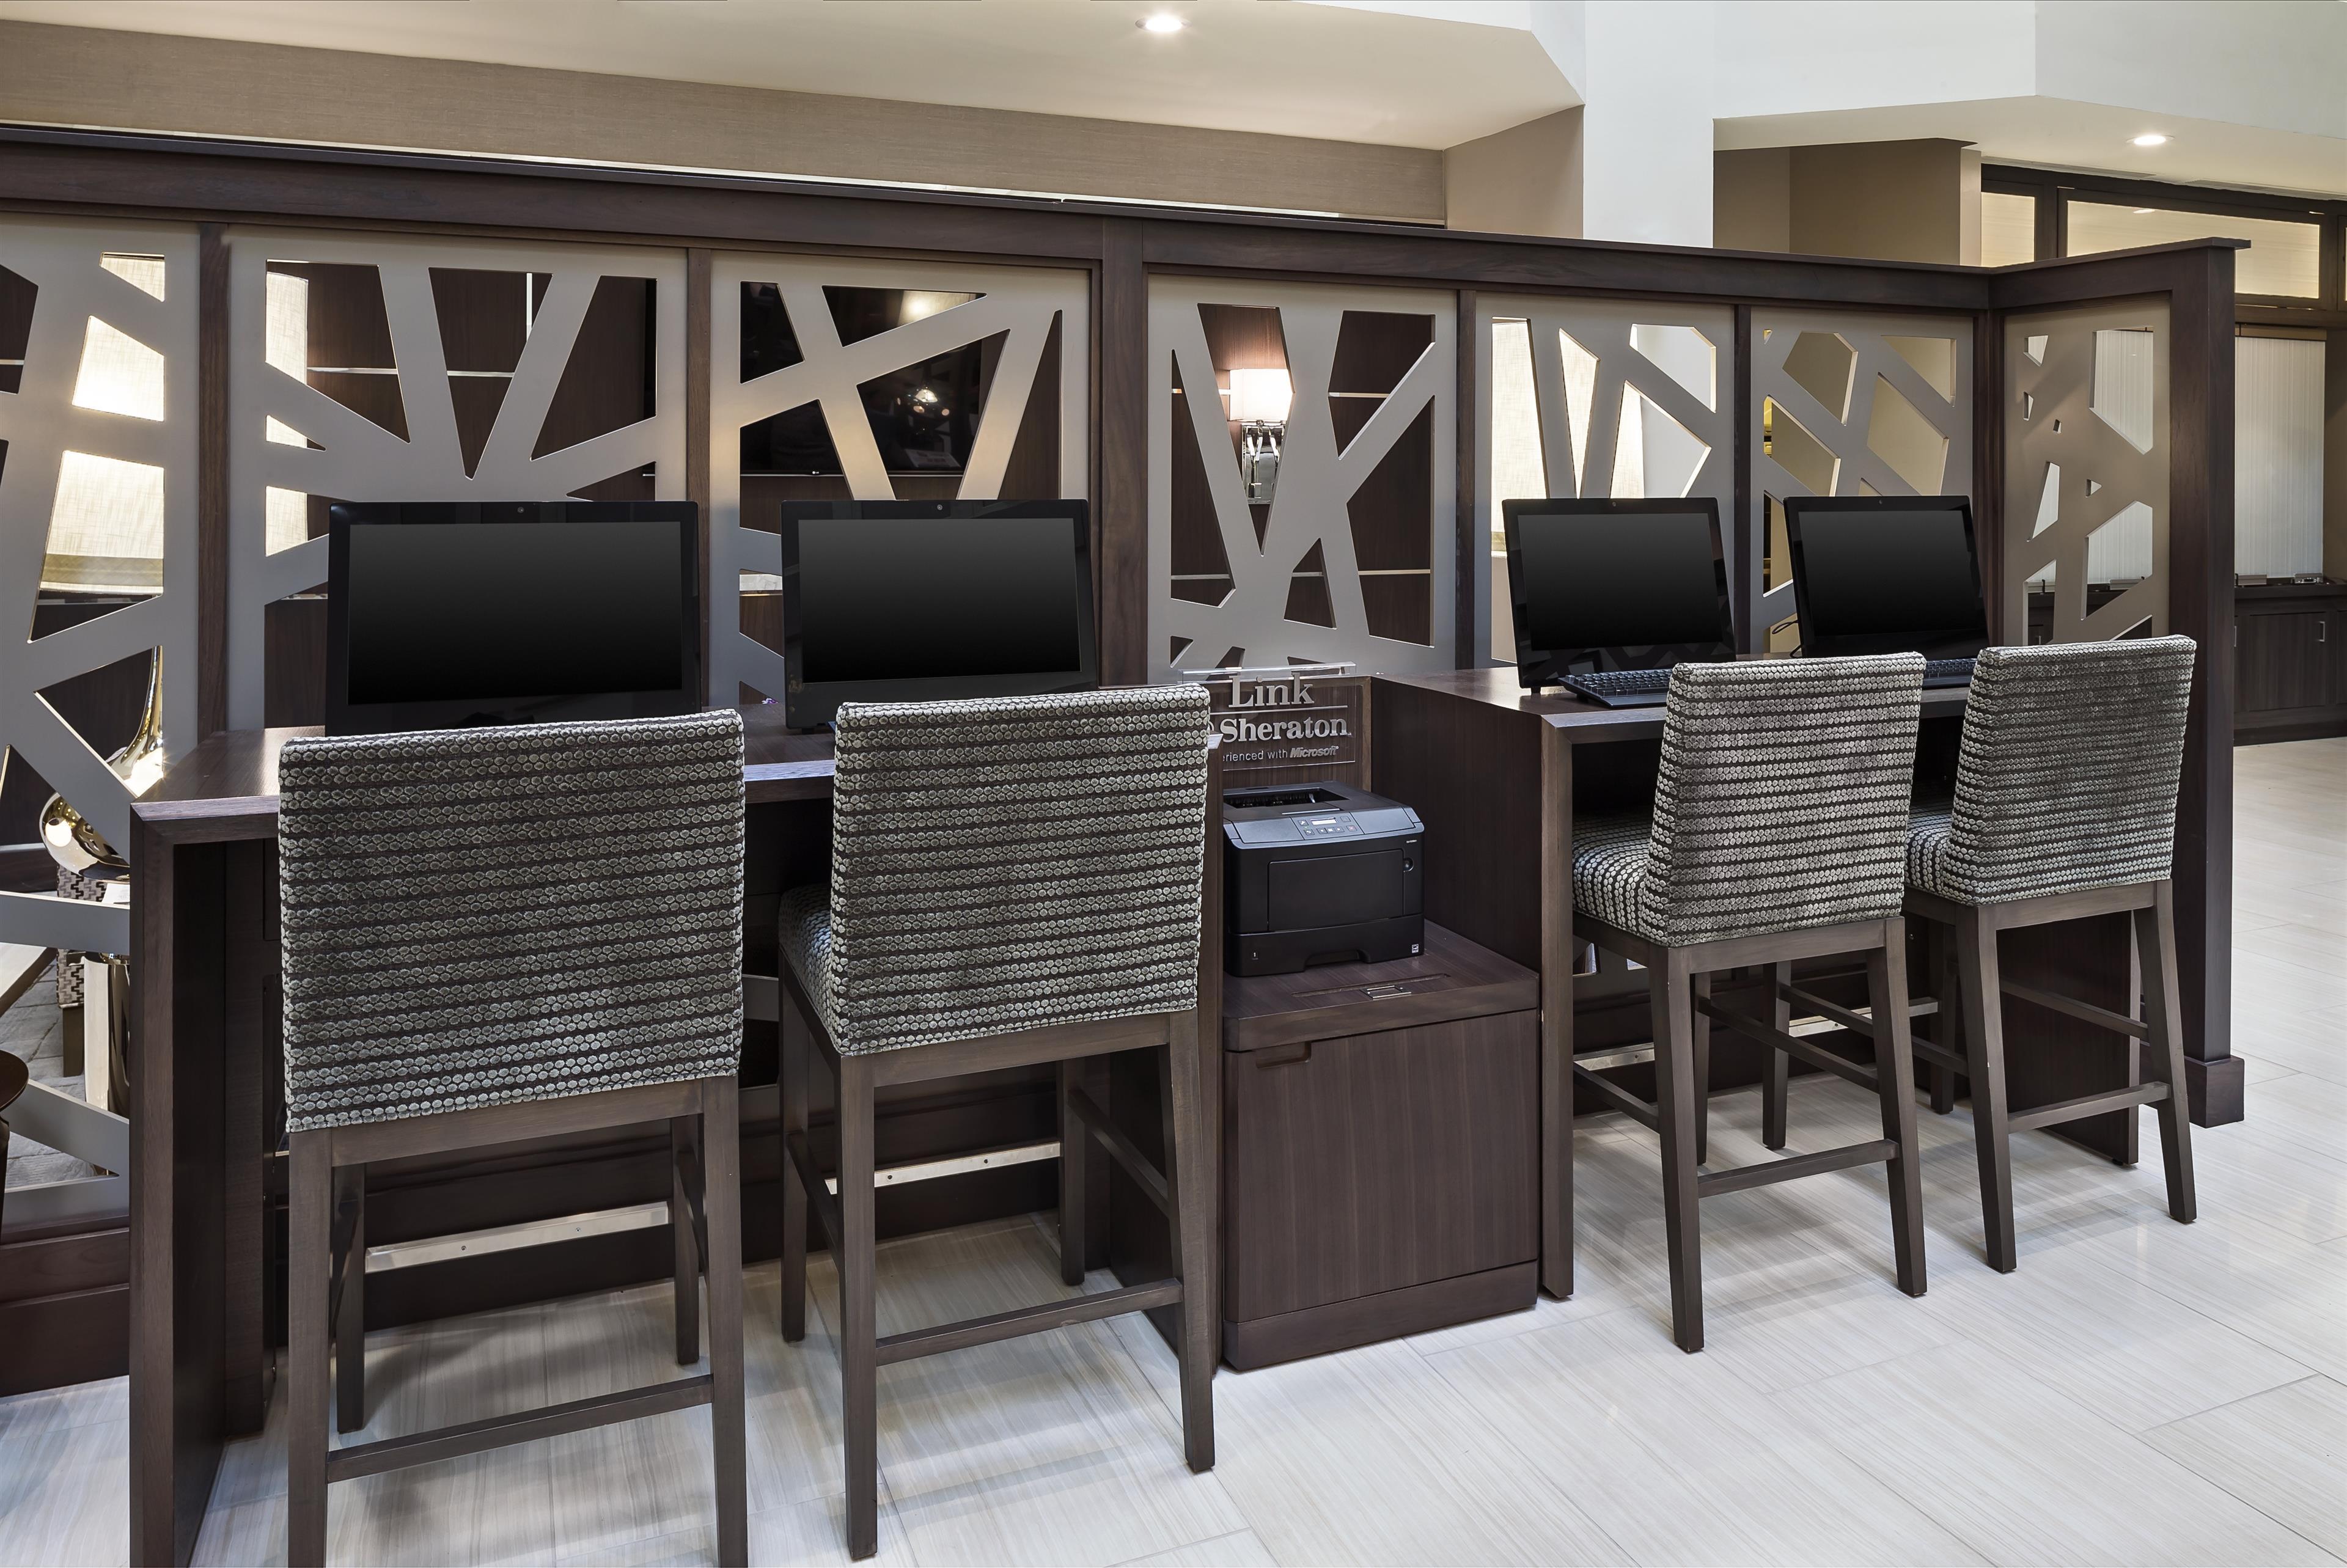 Sheraton Suites Galleria-Atlanta image 14